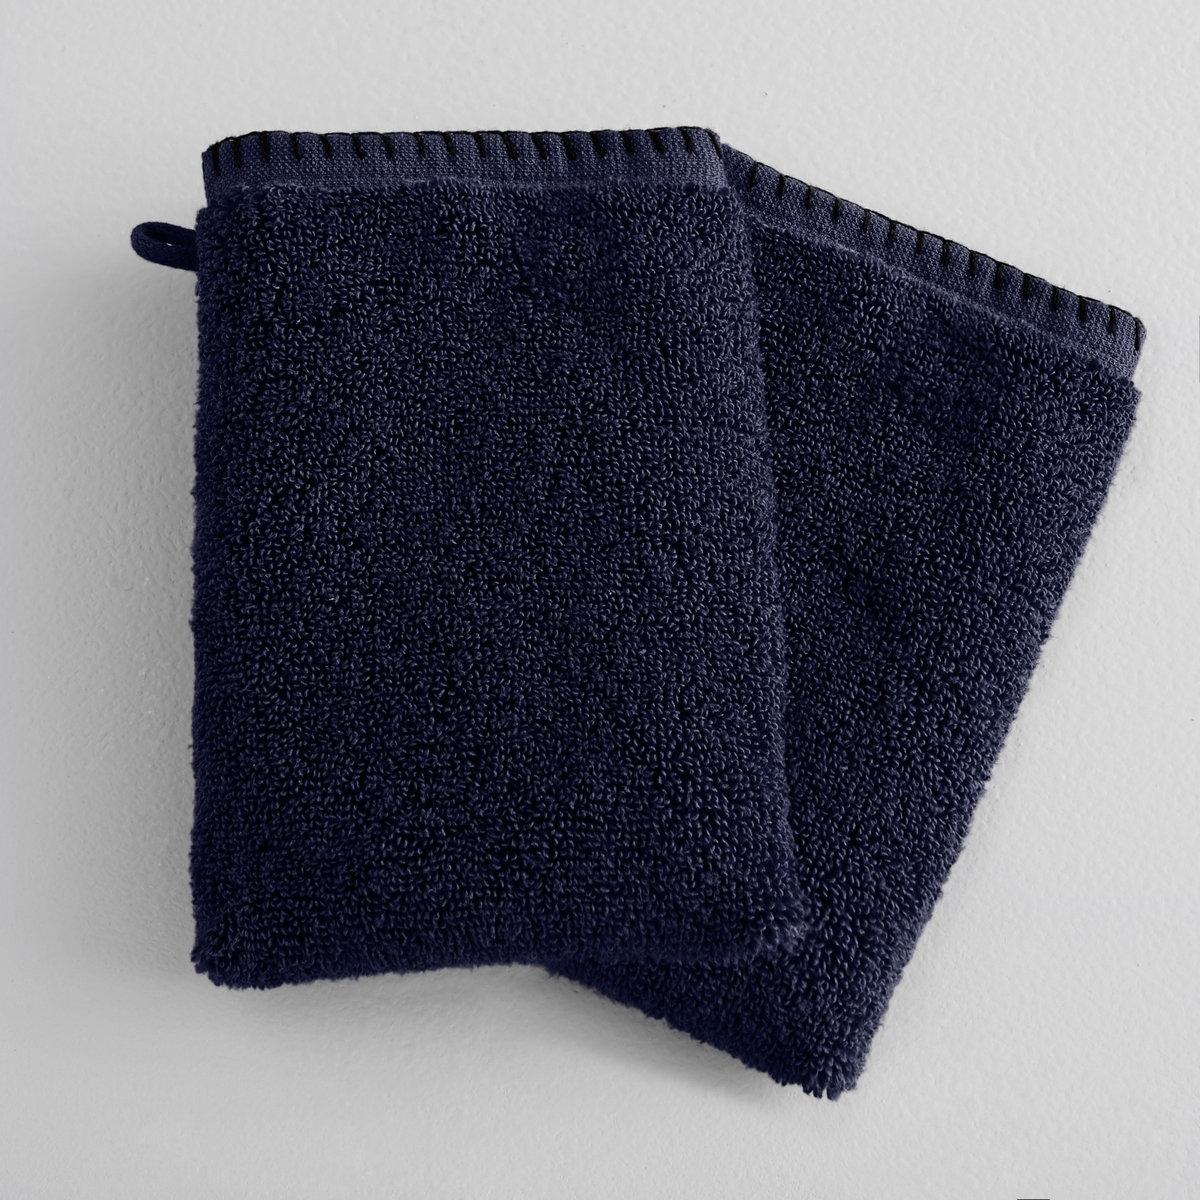 2 банные рукавички Kyla2 банные рукавички из хлопка Kyla . Банная рукавичка, которая воплощает комфорт и элегантность. Состав :- Чистый прочёсанный хлопок 550 г/м? нулевого скручивания для ультрамягкого и ультранежного прикосновения.Отделка : - Красивая кайма в виде икринок.- Отделка петельным швом.Уход : - Машинная стирка при 60°.Размер : - 15 x 21 смСертификат Oeko-Tex® дает гарантию того, что товары изготовлены без применения химических средств и не представляют опасности для здоровья человека.<br><br>Цвет: темно-синий